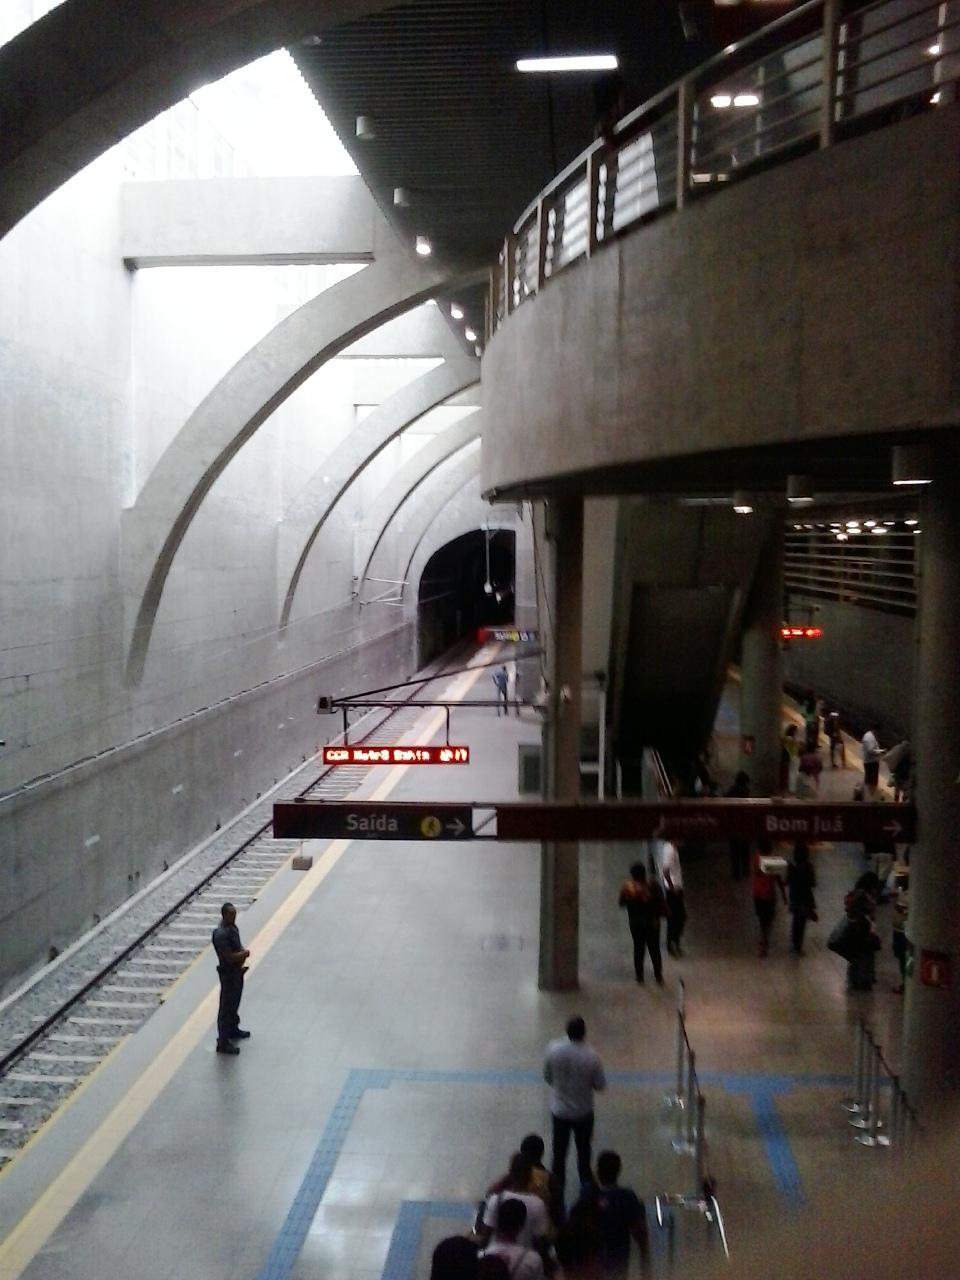 Terminal de onibus - 3 part 3